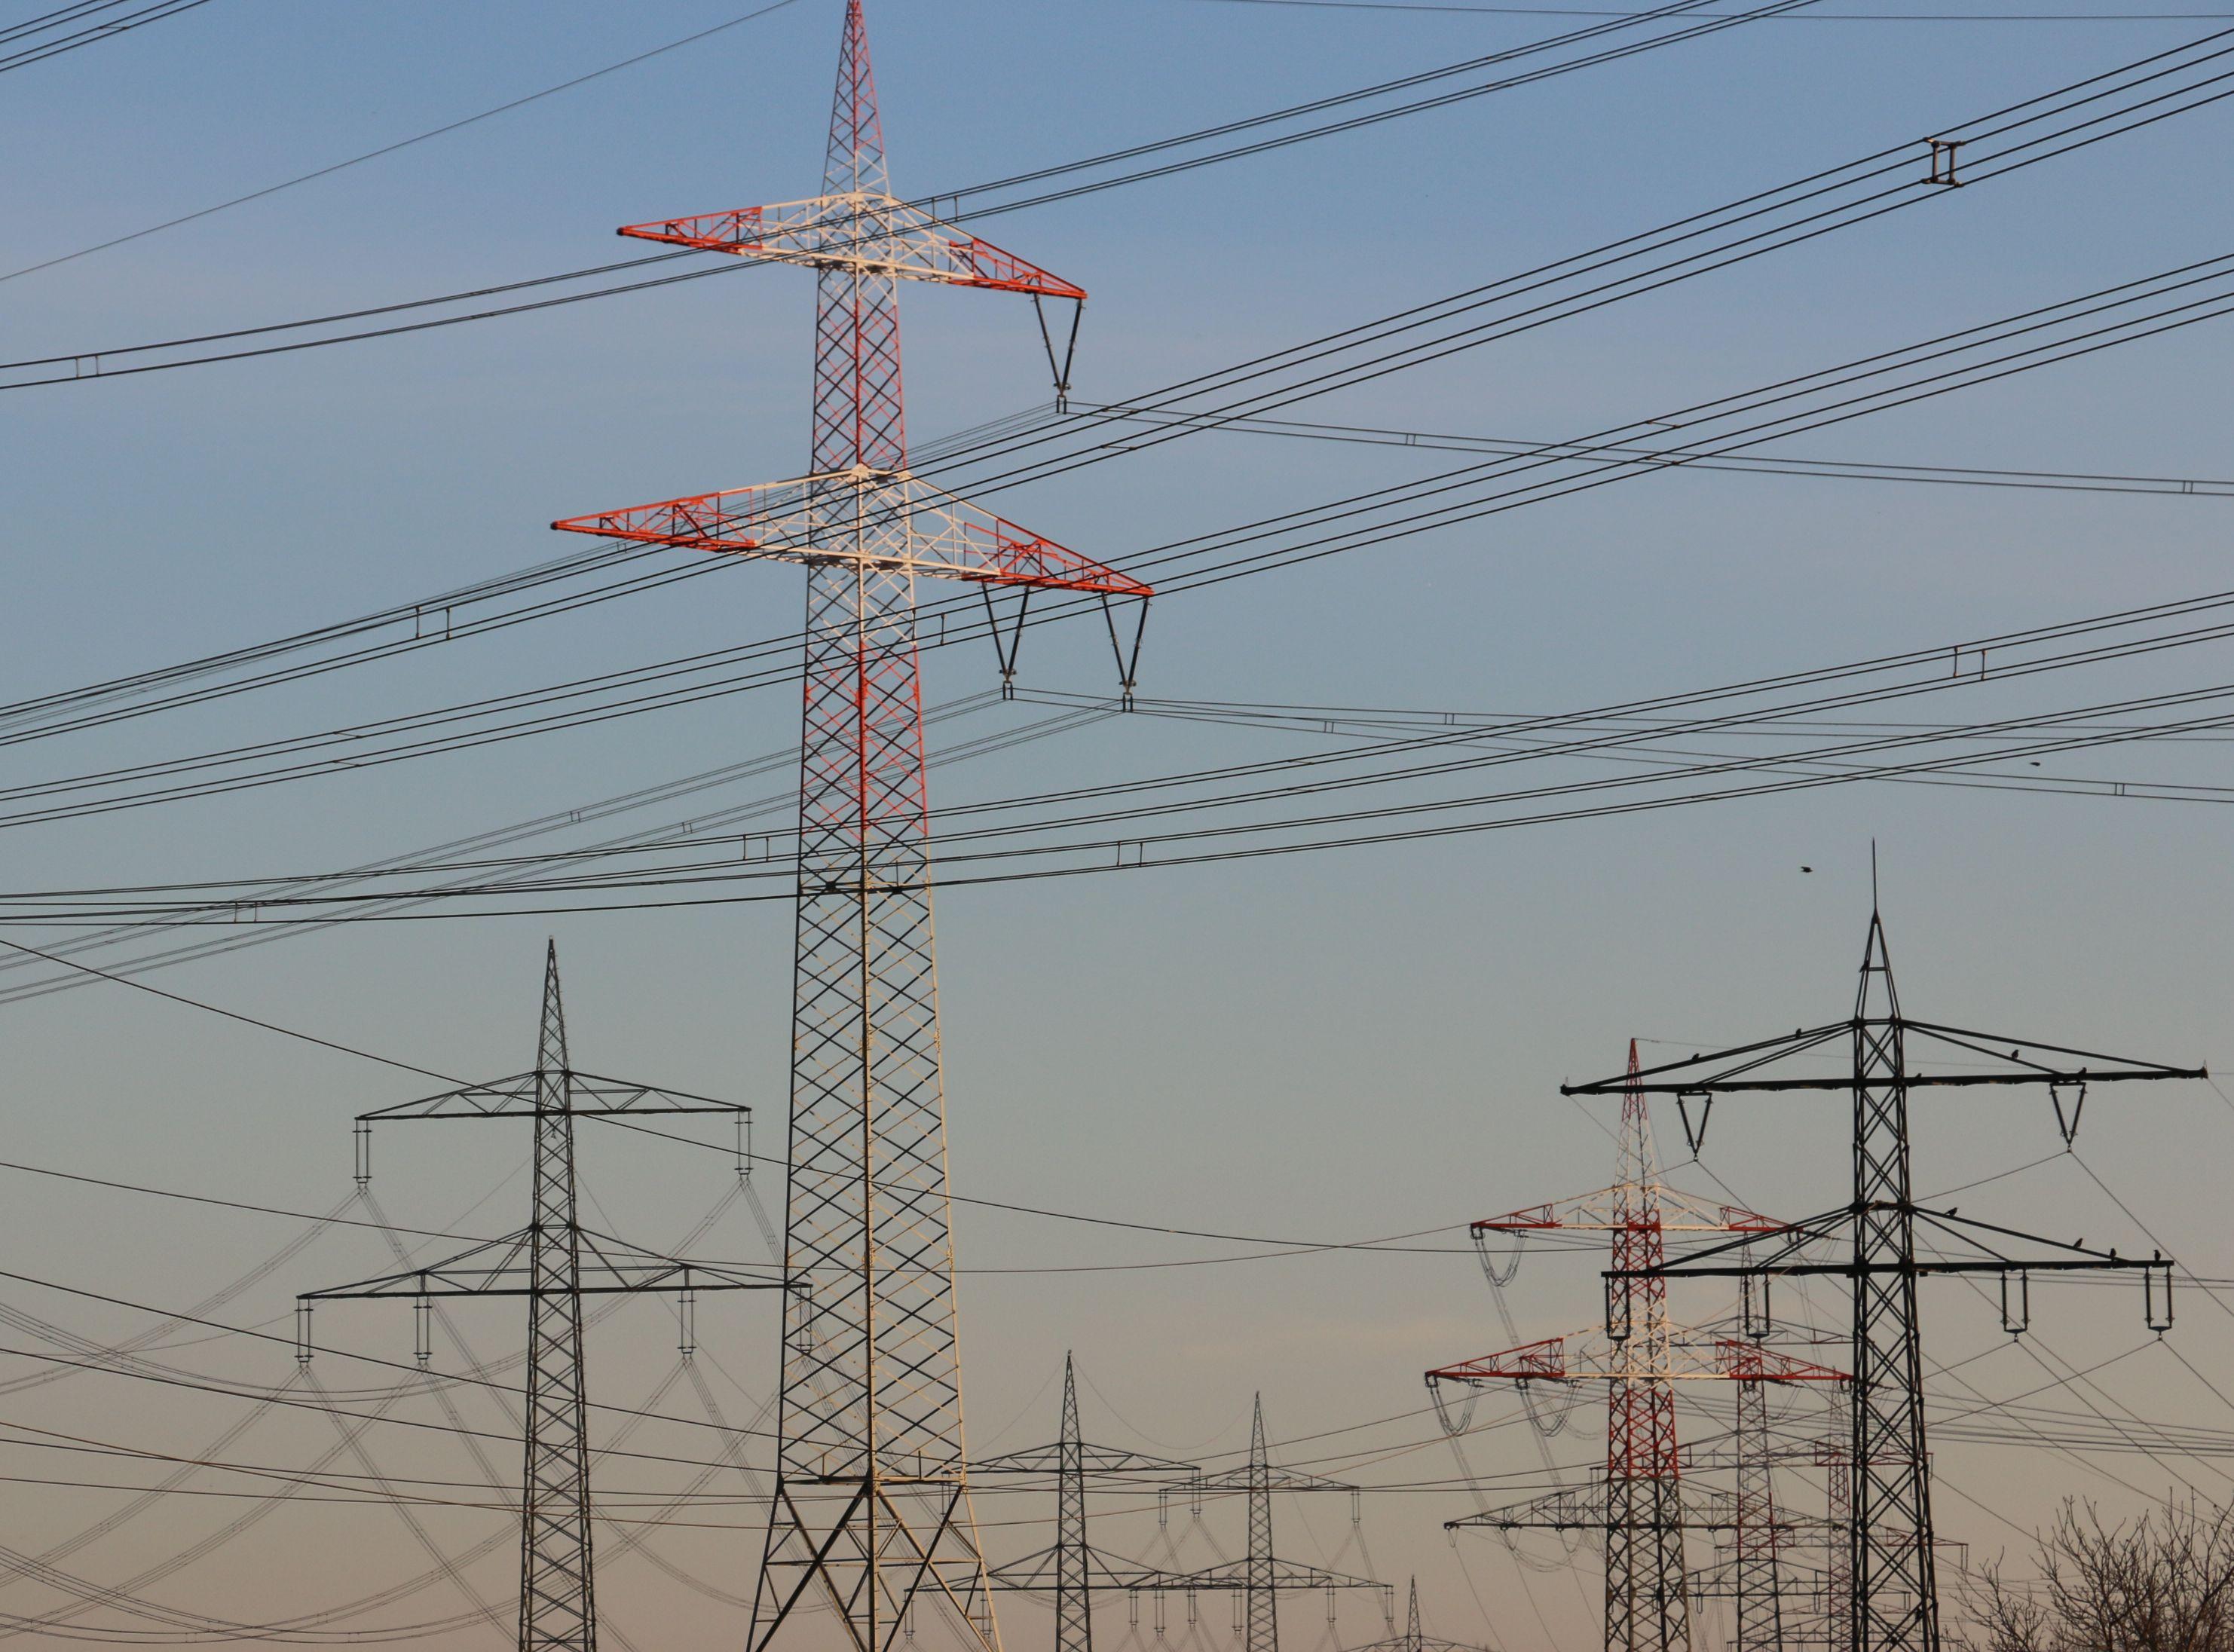 Stromtrasse_02, Energiewende aktuell, Netzausbau, HGÜ